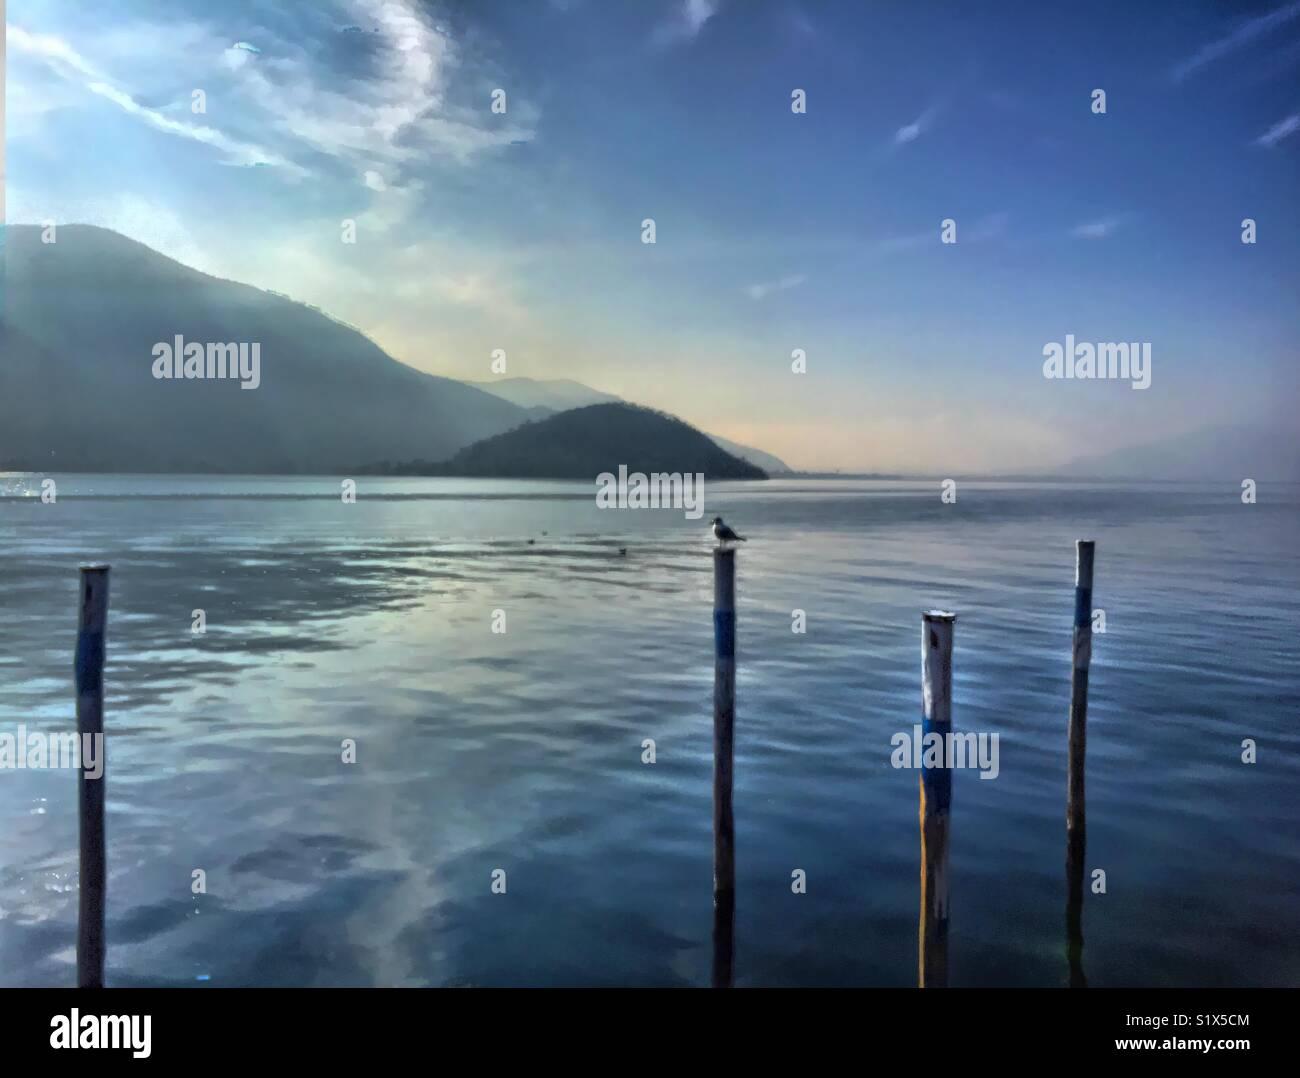 One seagull at iseo lake, italy. Un gabbiano al lago d'Iseo. Italia - Stock Image